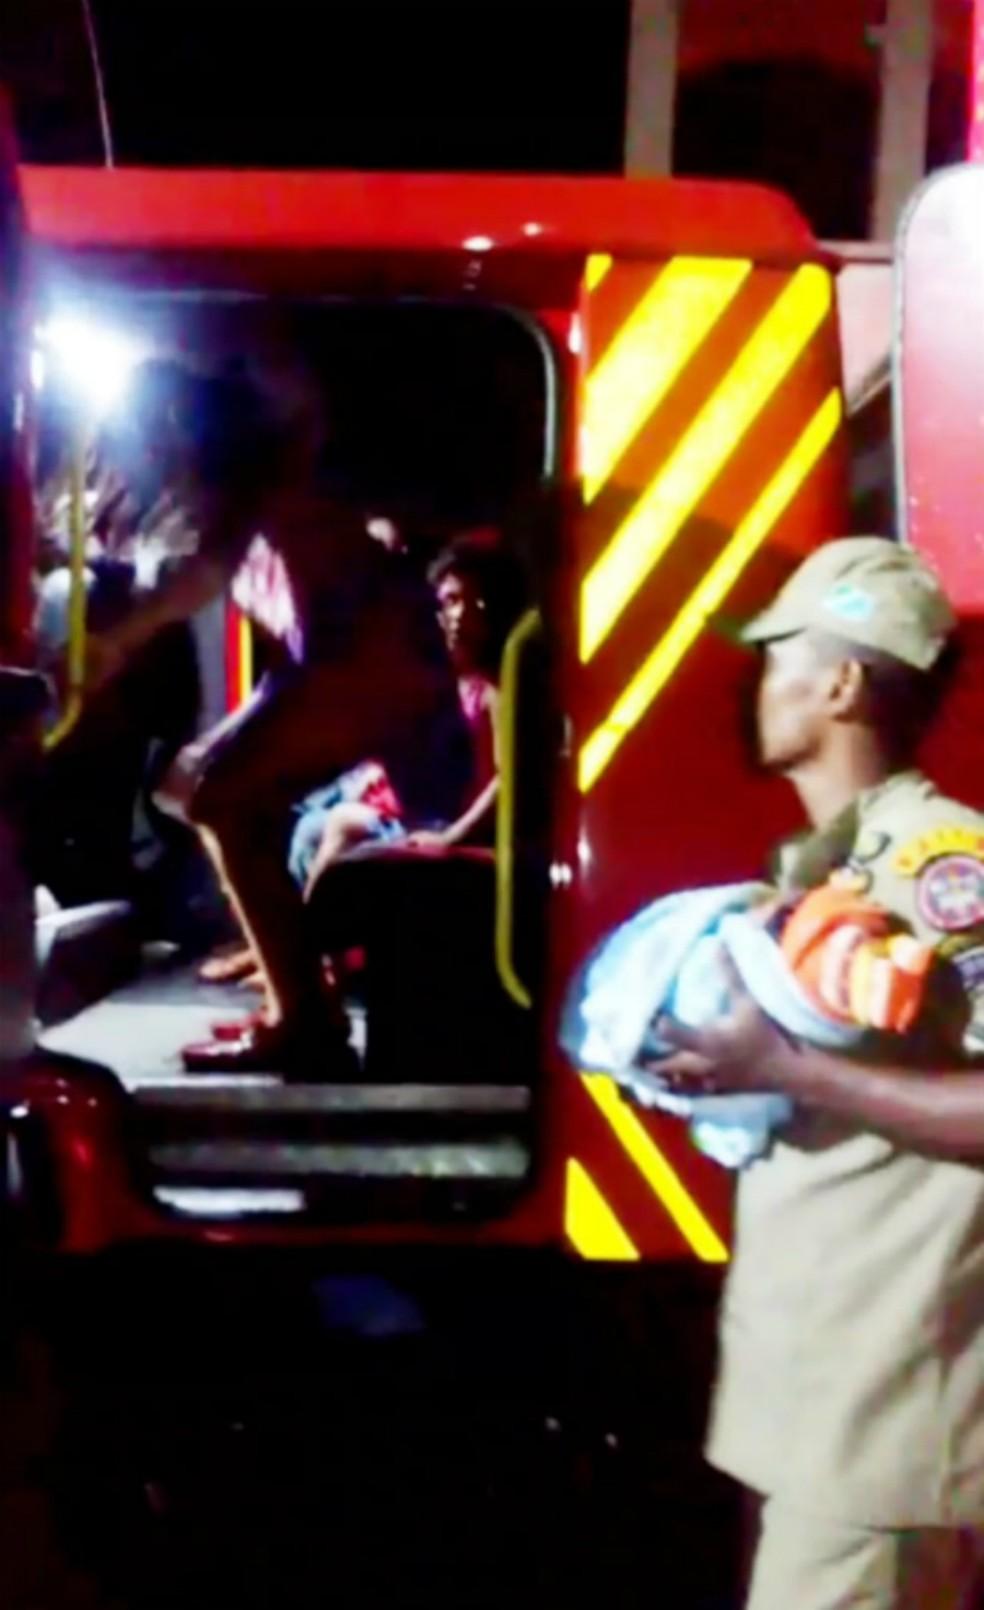 Bombeiro resgate mãe e bebê de área alagada pela tempestade desta quarta-feira à noite, em Corumbá (MS) — Foto: Corpo de Bombeiros/Divulgação